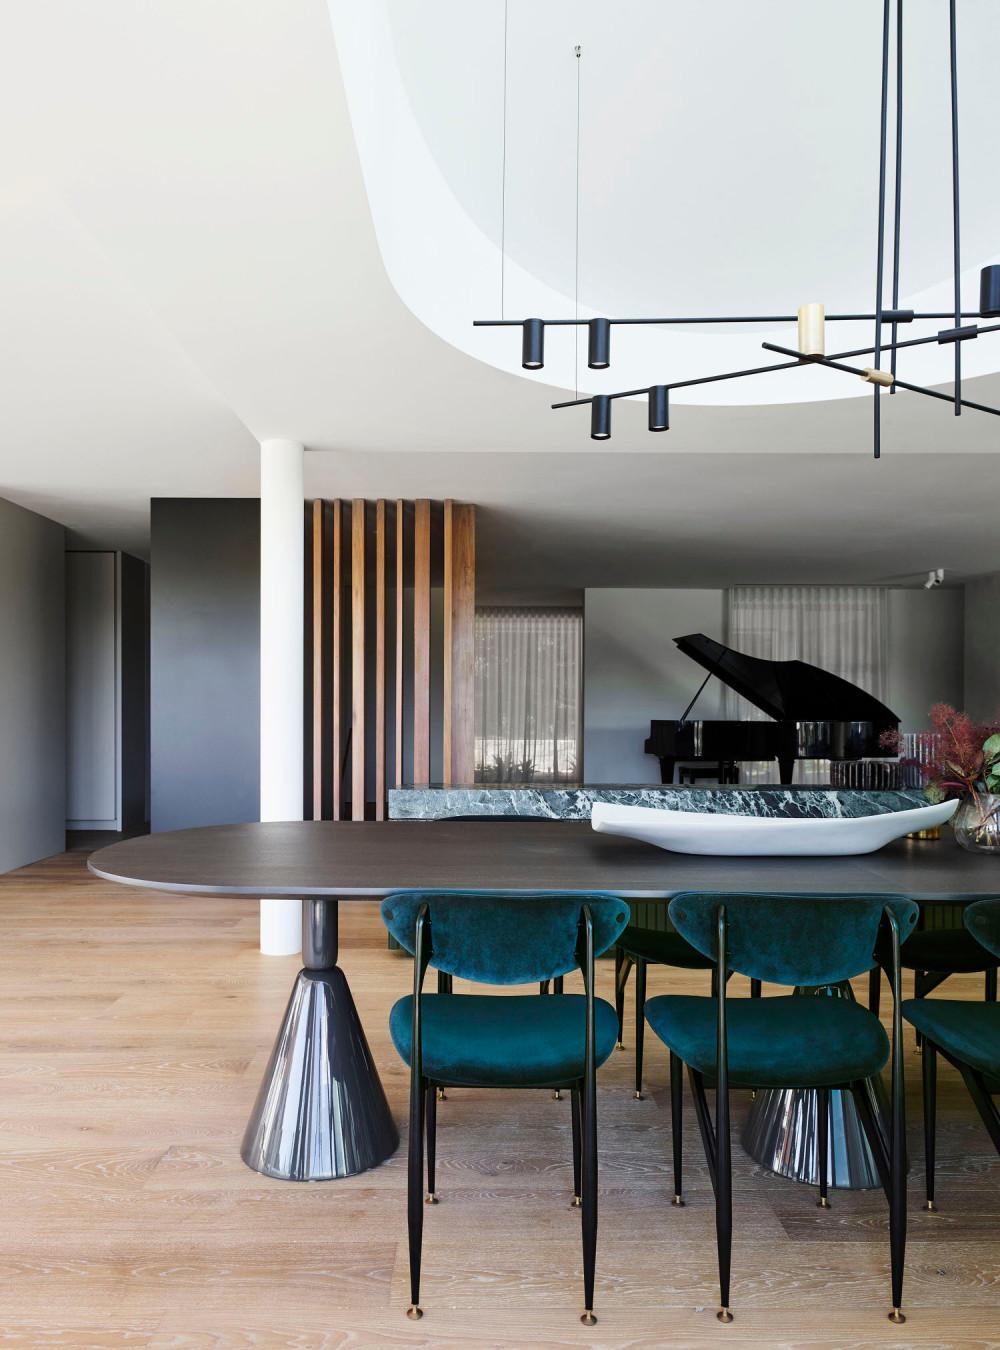 Decus Interiors 新作 | 海灣別墅(COVE HOUSE)